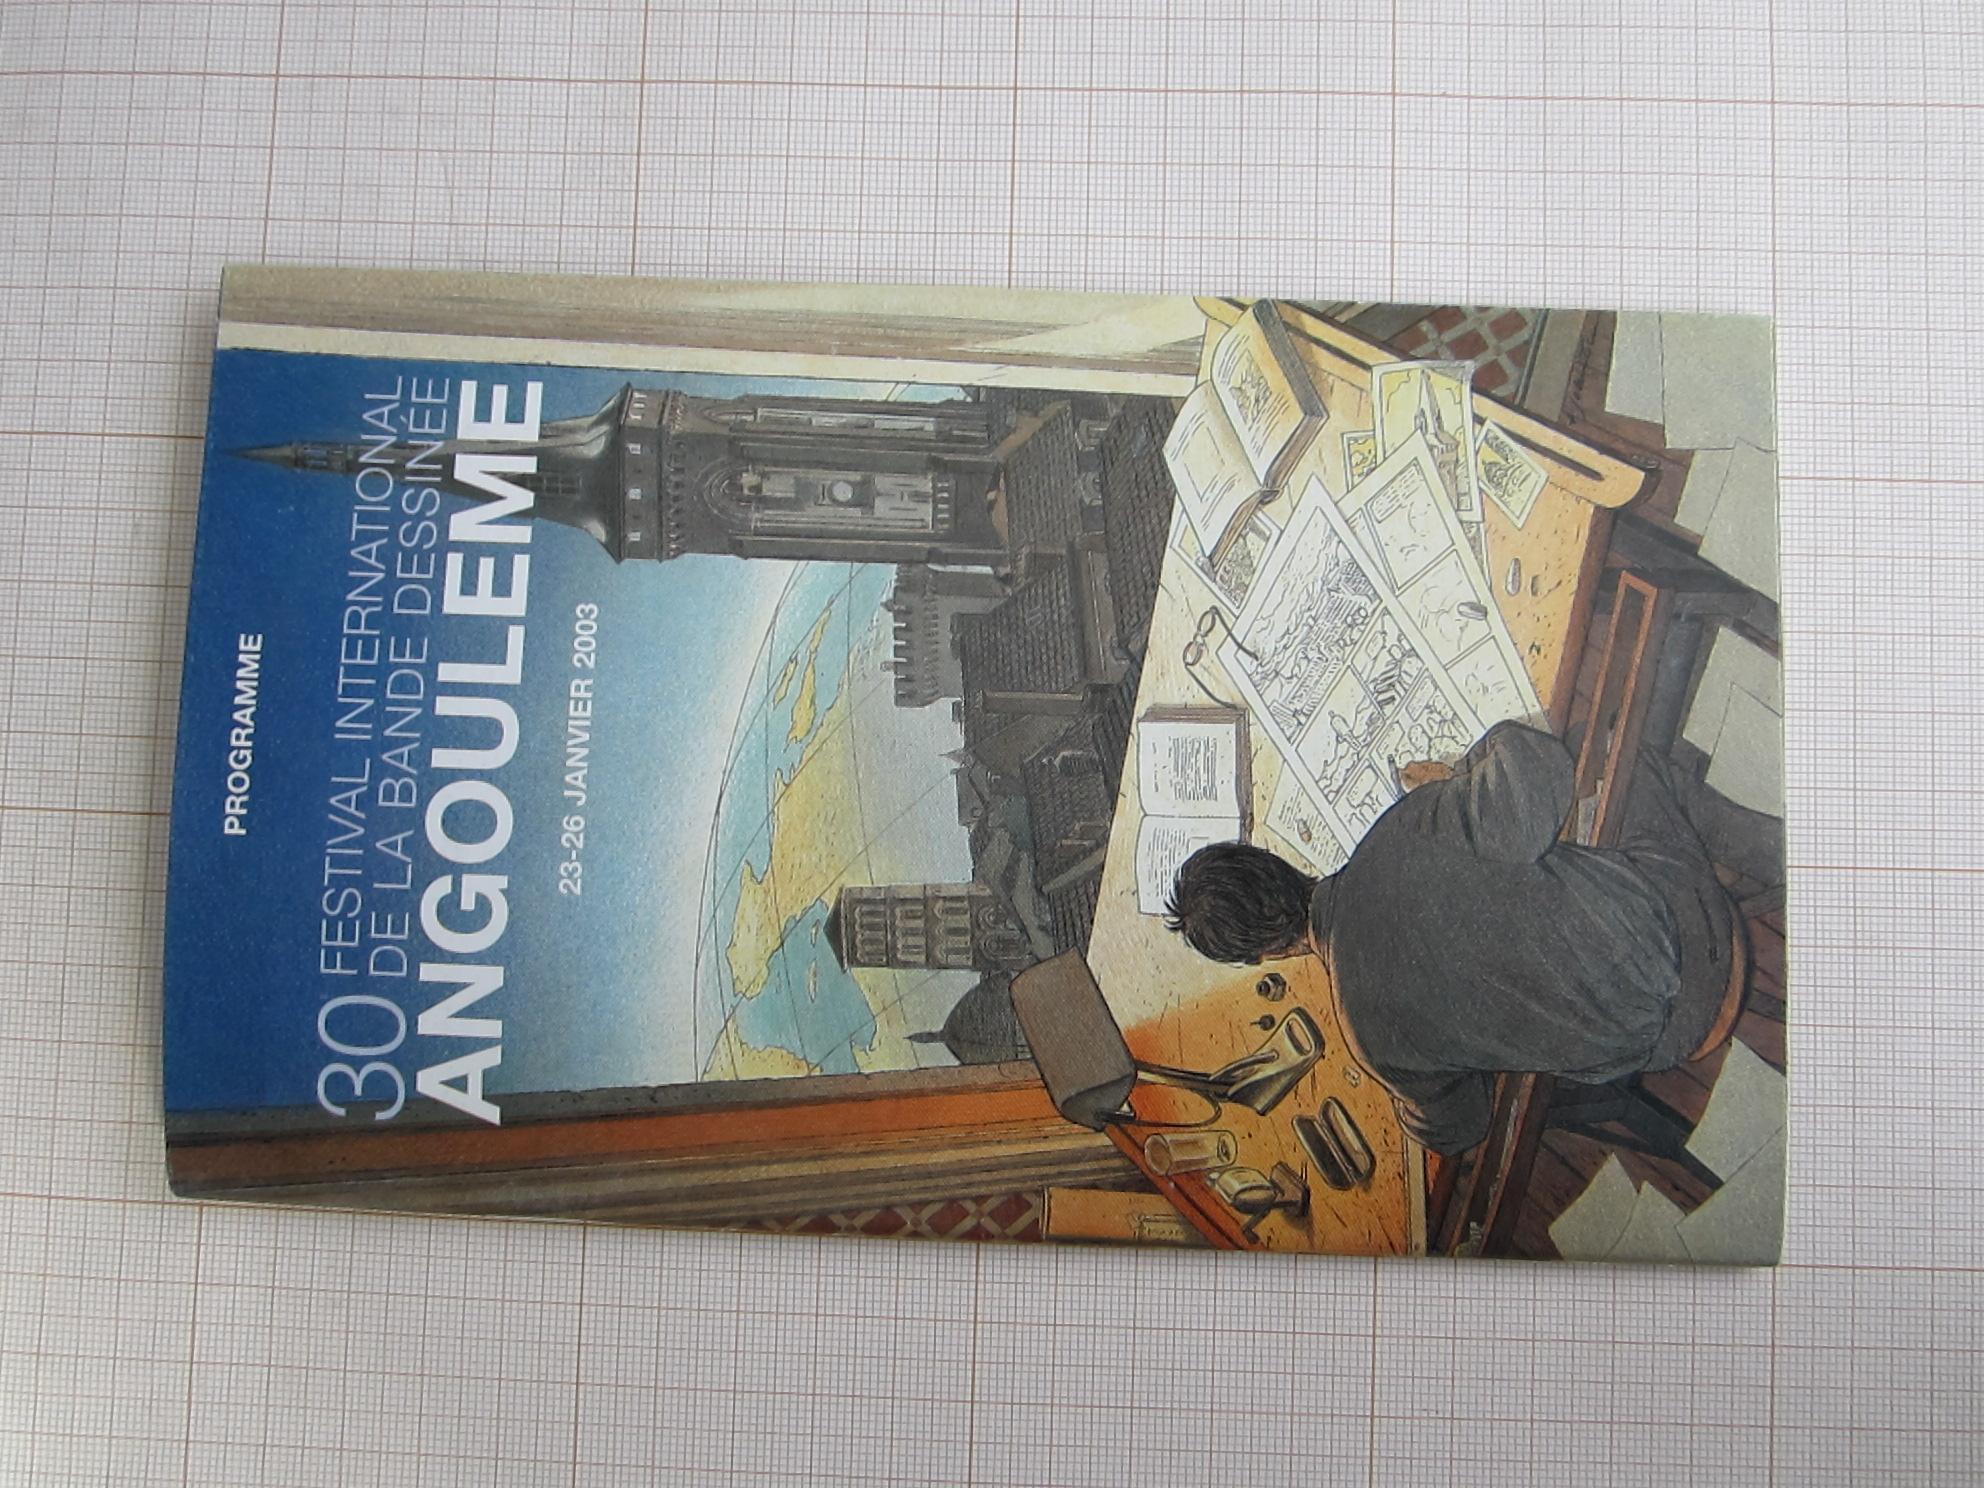 Programme du 30 Festival International de la bande dessinée d'Angoulême© François Schuiten, 2003